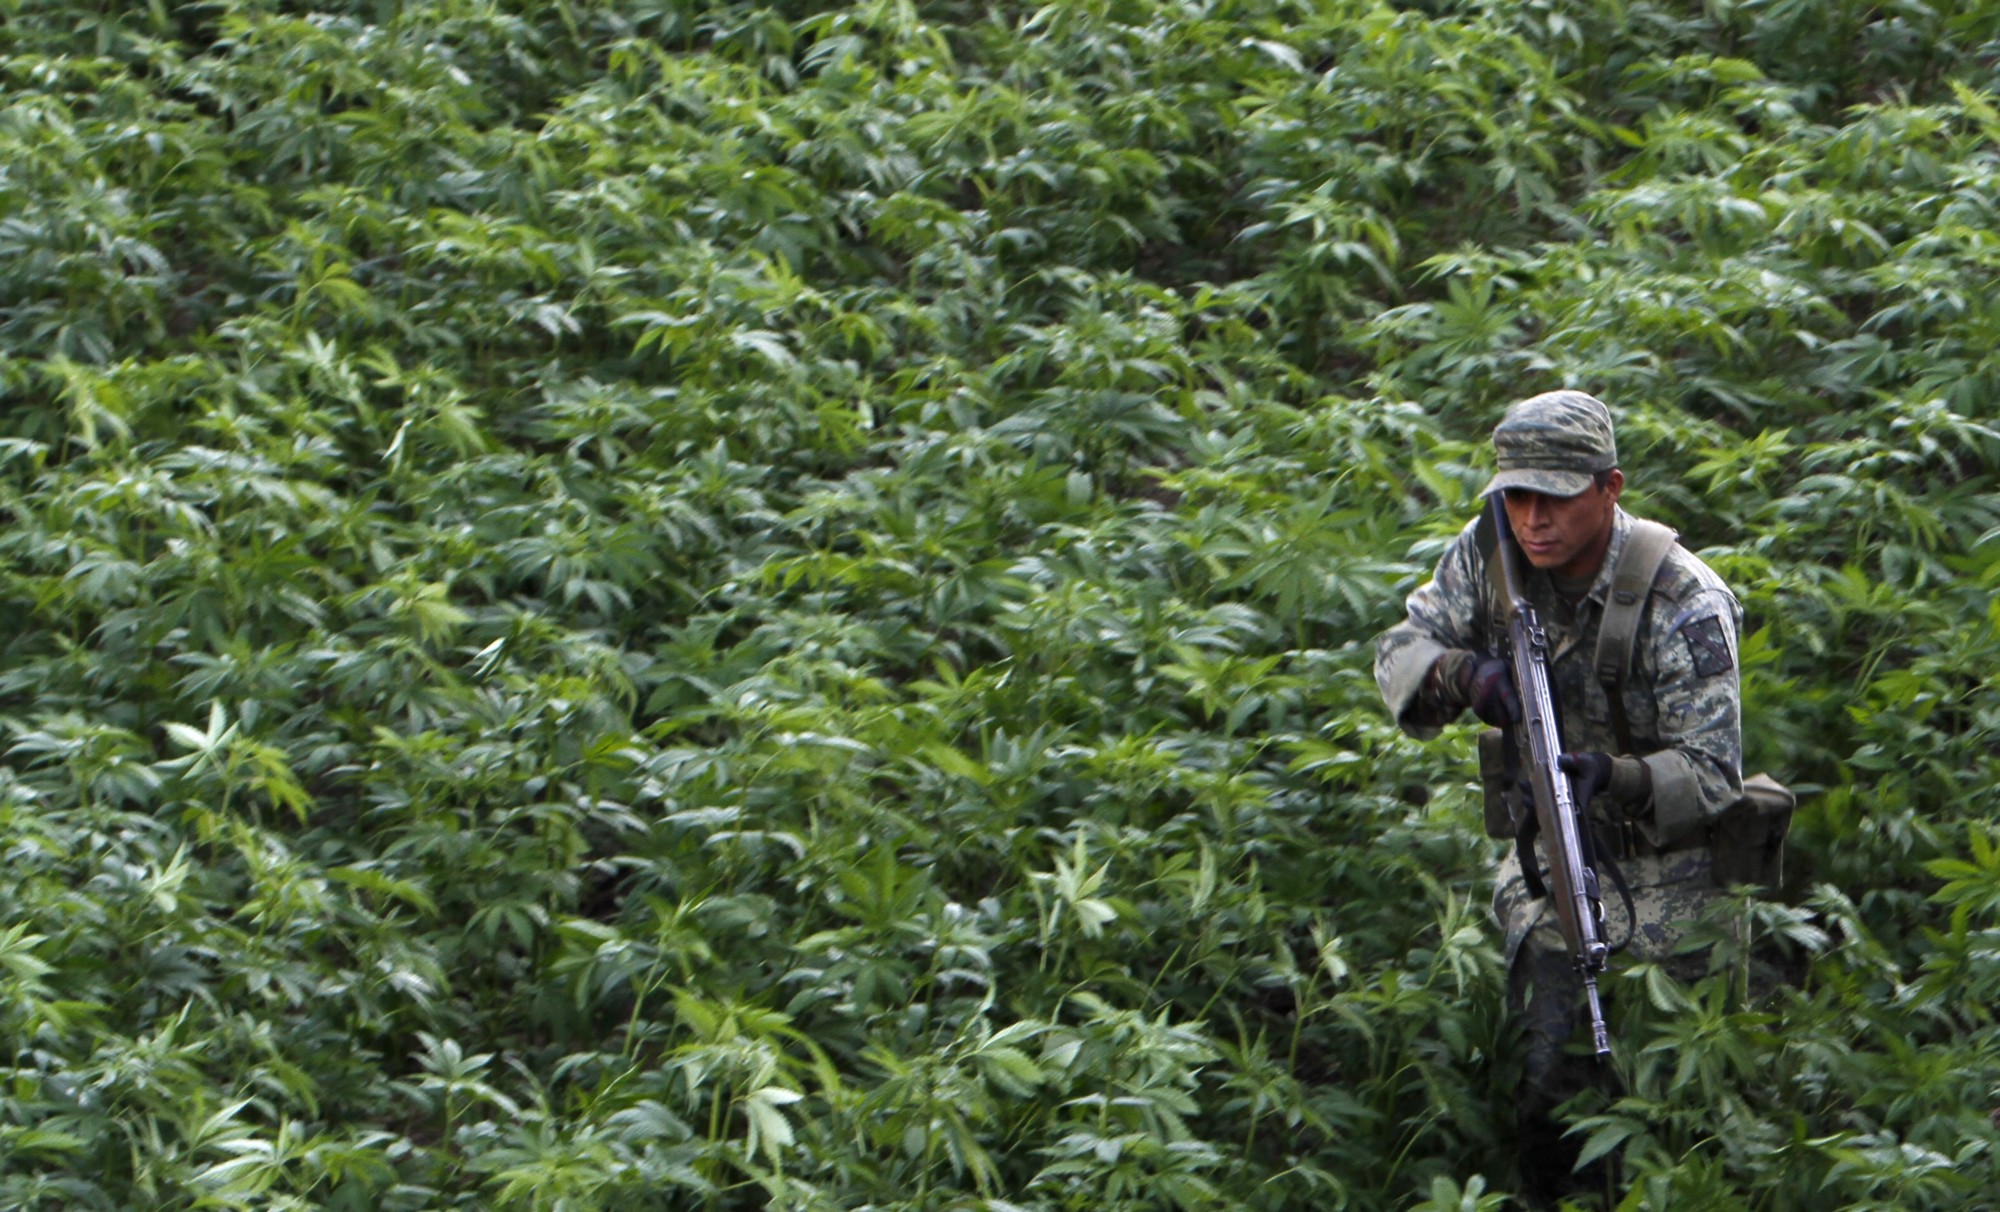 Un soldado del ejército mexicano en un campo de marihuana en Culiacán, Sinaloa.